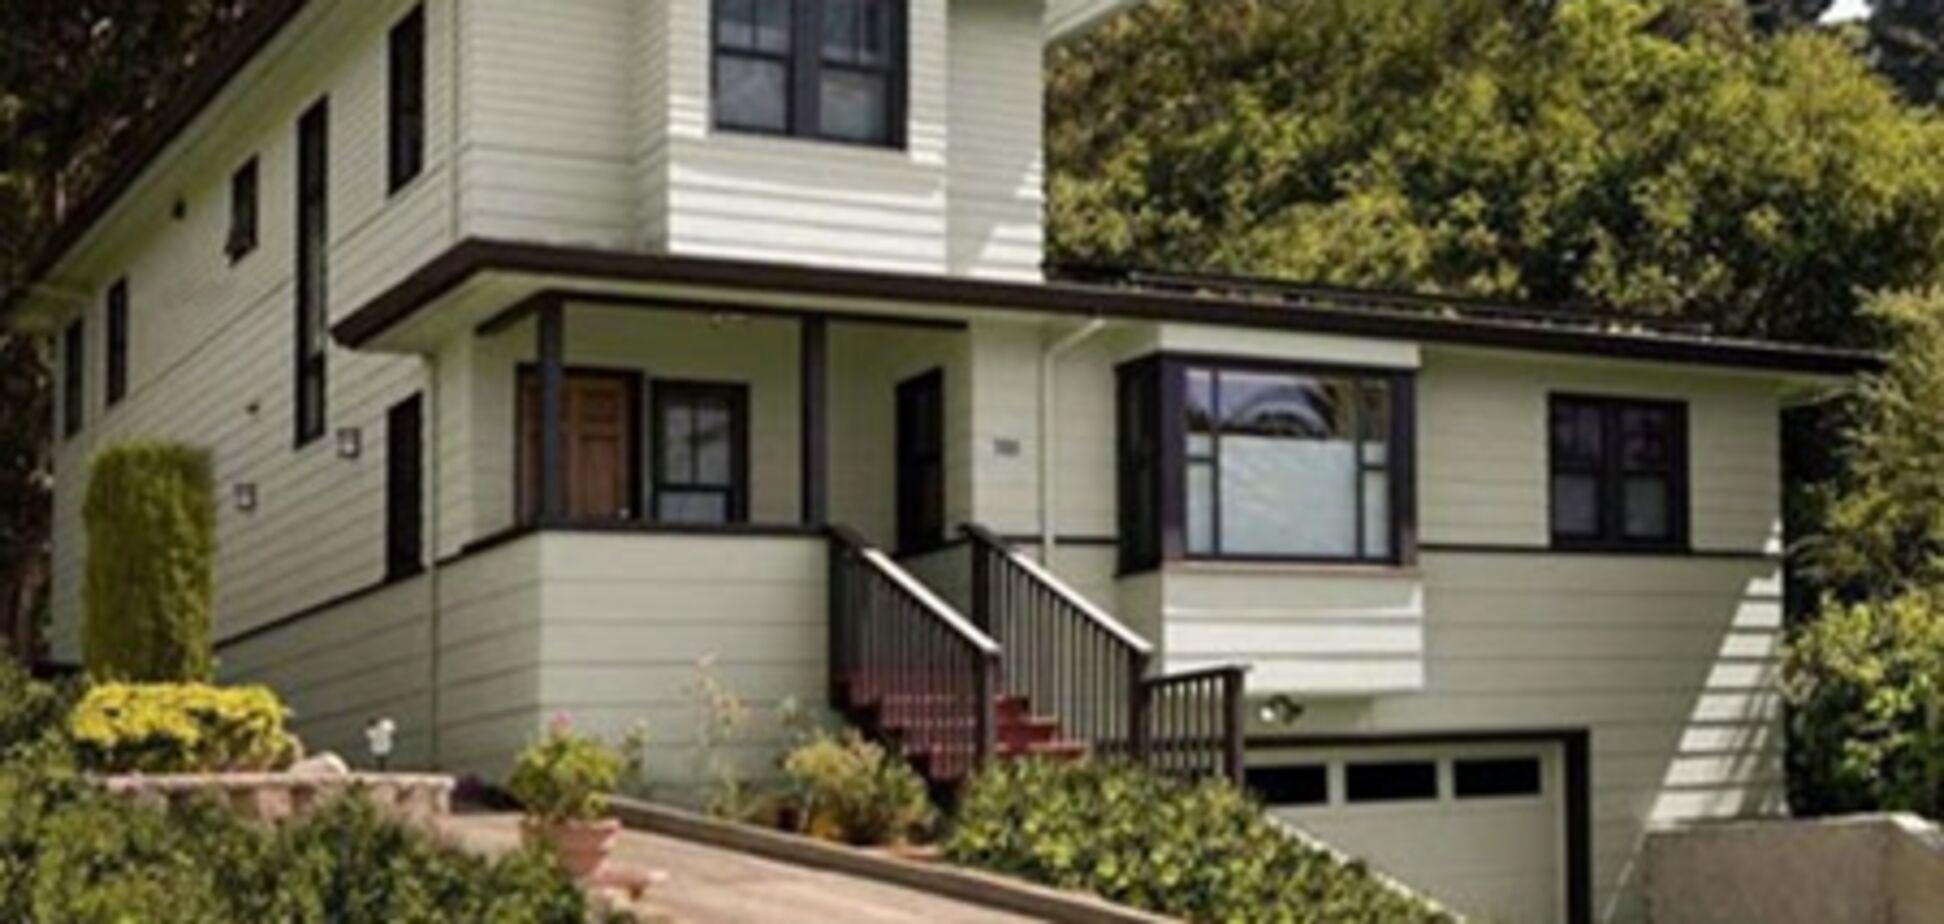 Загородная недвижимость: как создать 'умный' дом